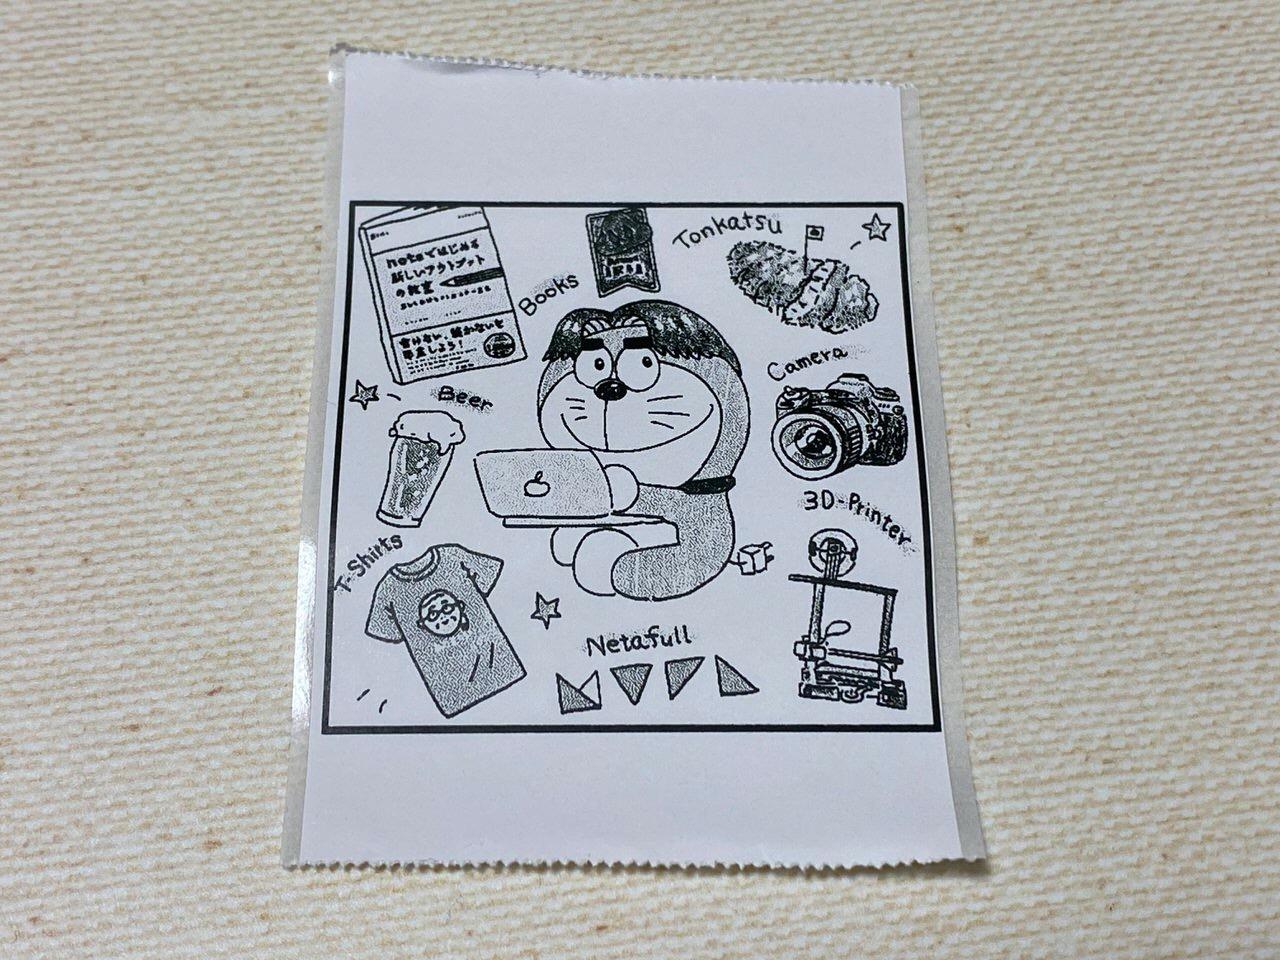 ラベルプリンターでひとコママンガみたいなイラストをステッカーとして印刷するの最高に良いよ!